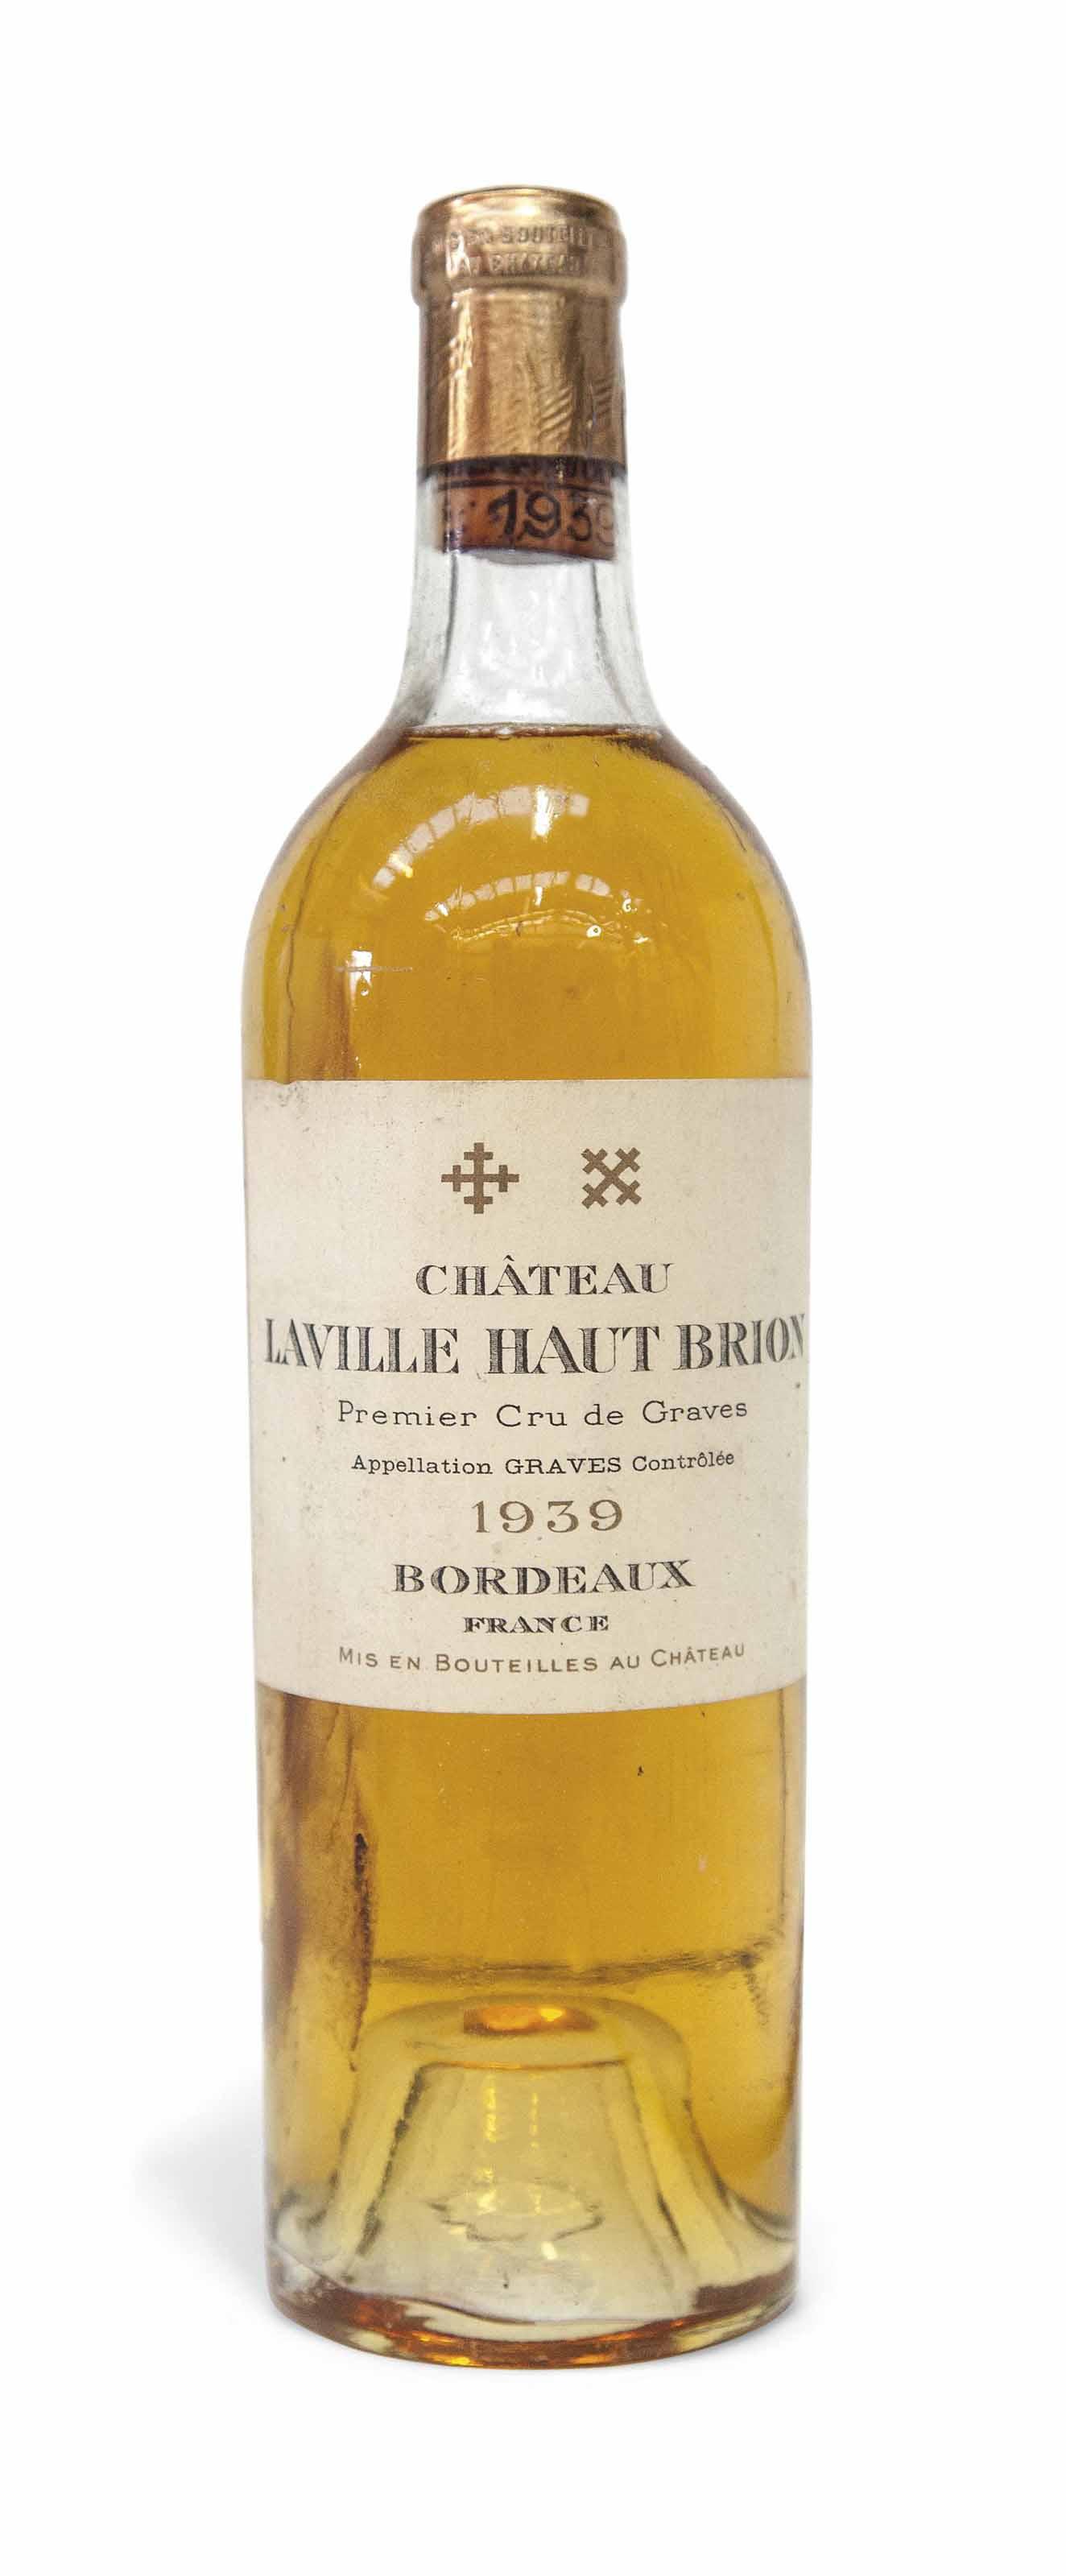 Château Laville-Haut-Brion 1939